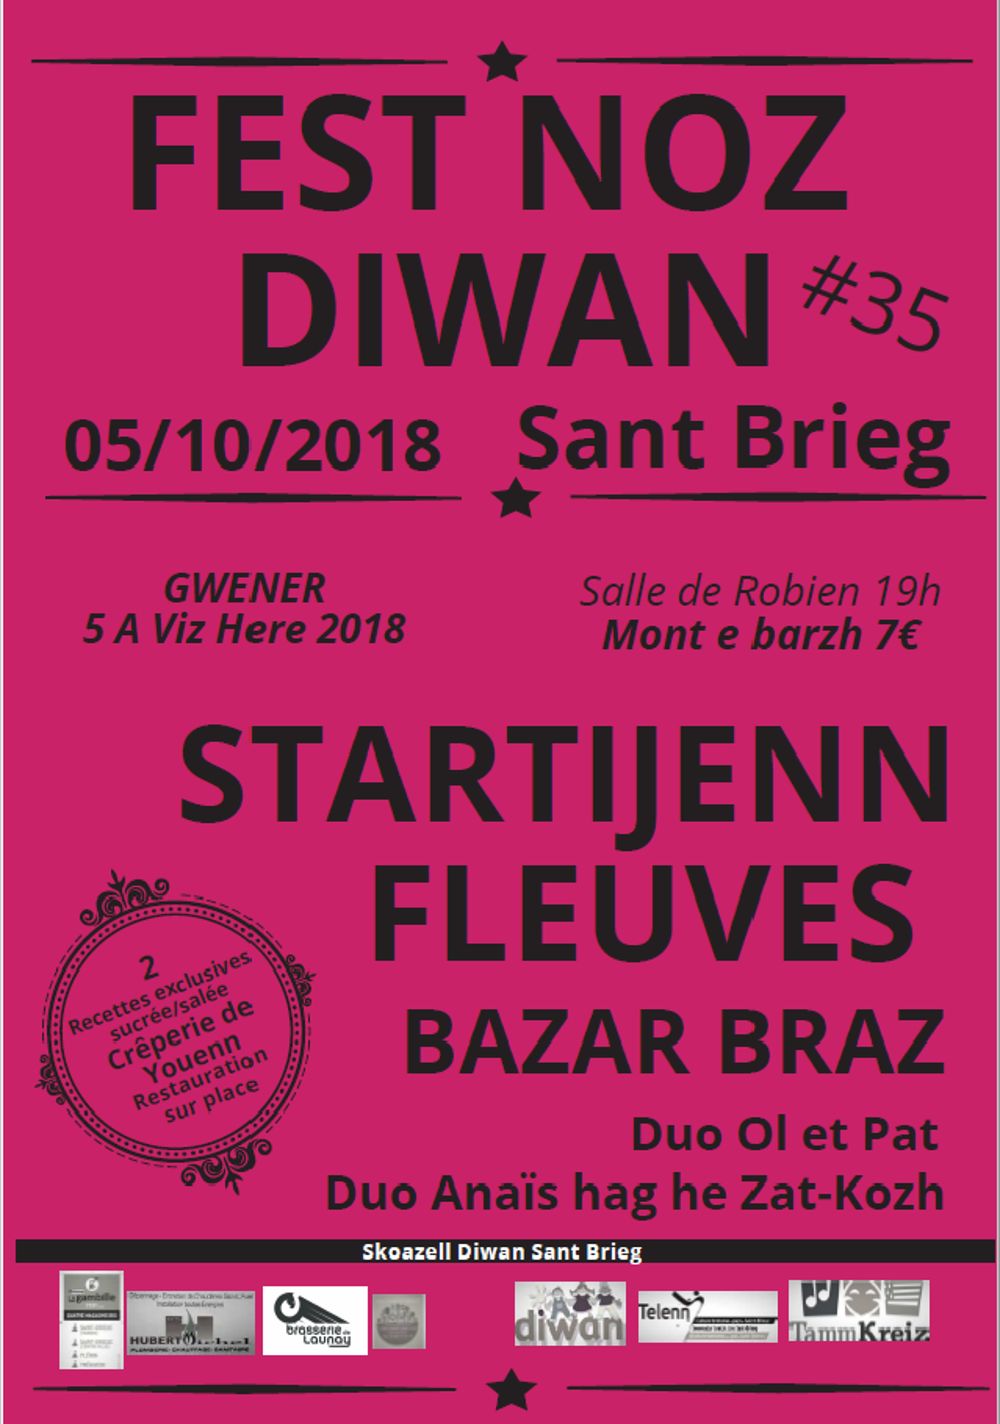 Fest Noz Diwan le 5 octobre 2018, 19h, grande salle de Robien 0